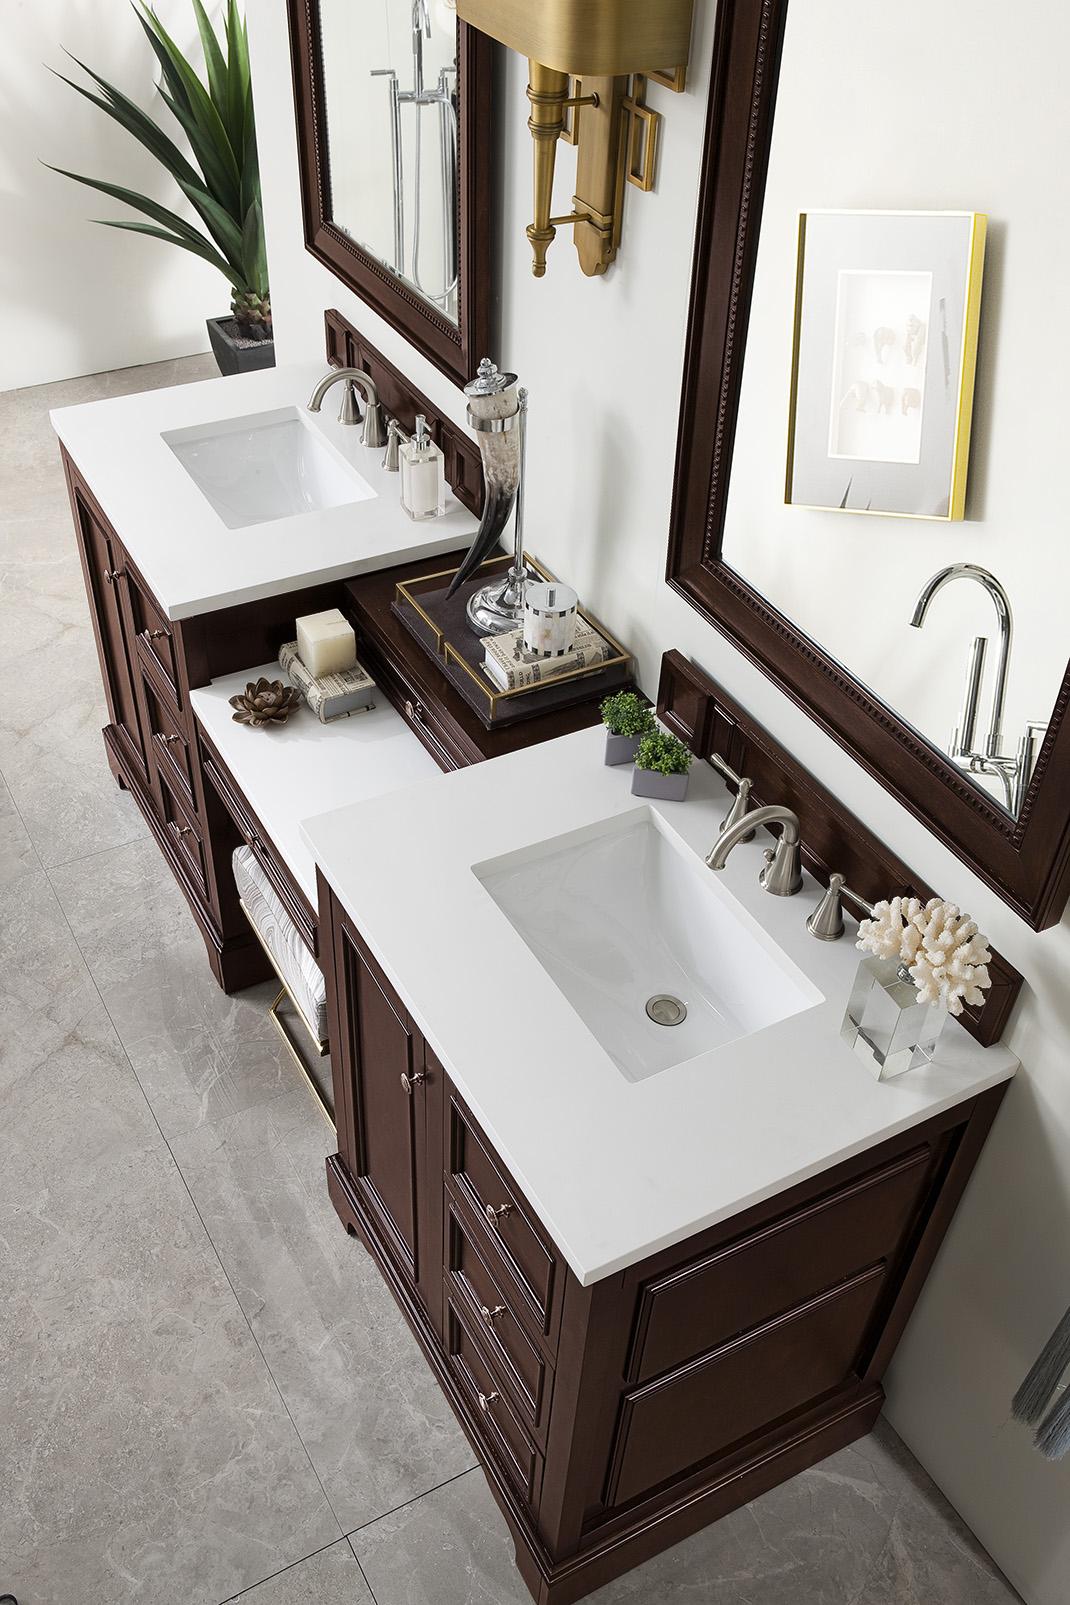 de soto 82 double vanity set burnished mahogany with makeup table 3 cm snow white quartz top